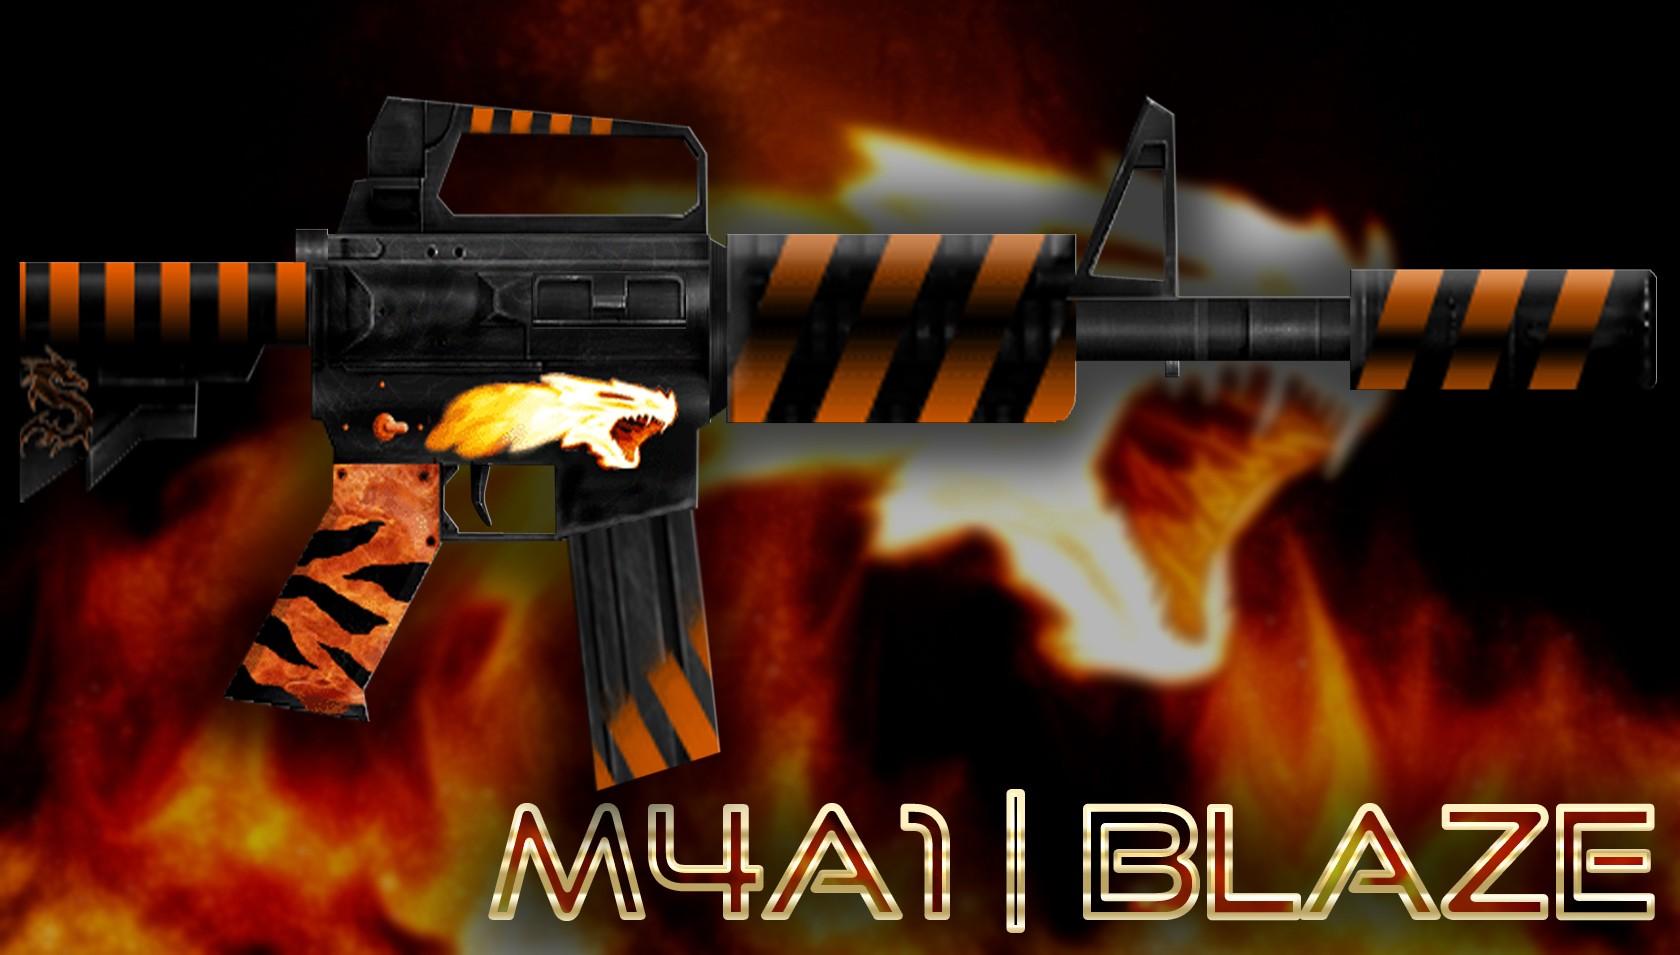 دانلود اسکین عقاب برای M4